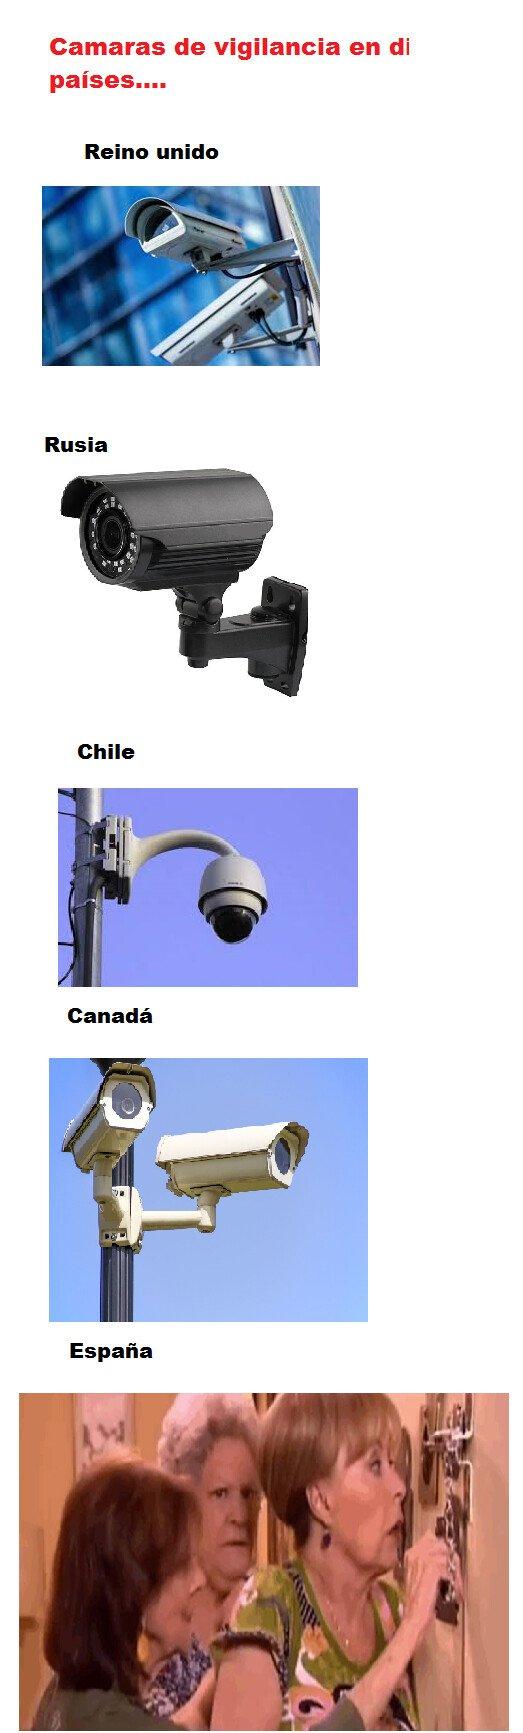 The_observer - No hay mejores cámaras de vigilancia que ellas